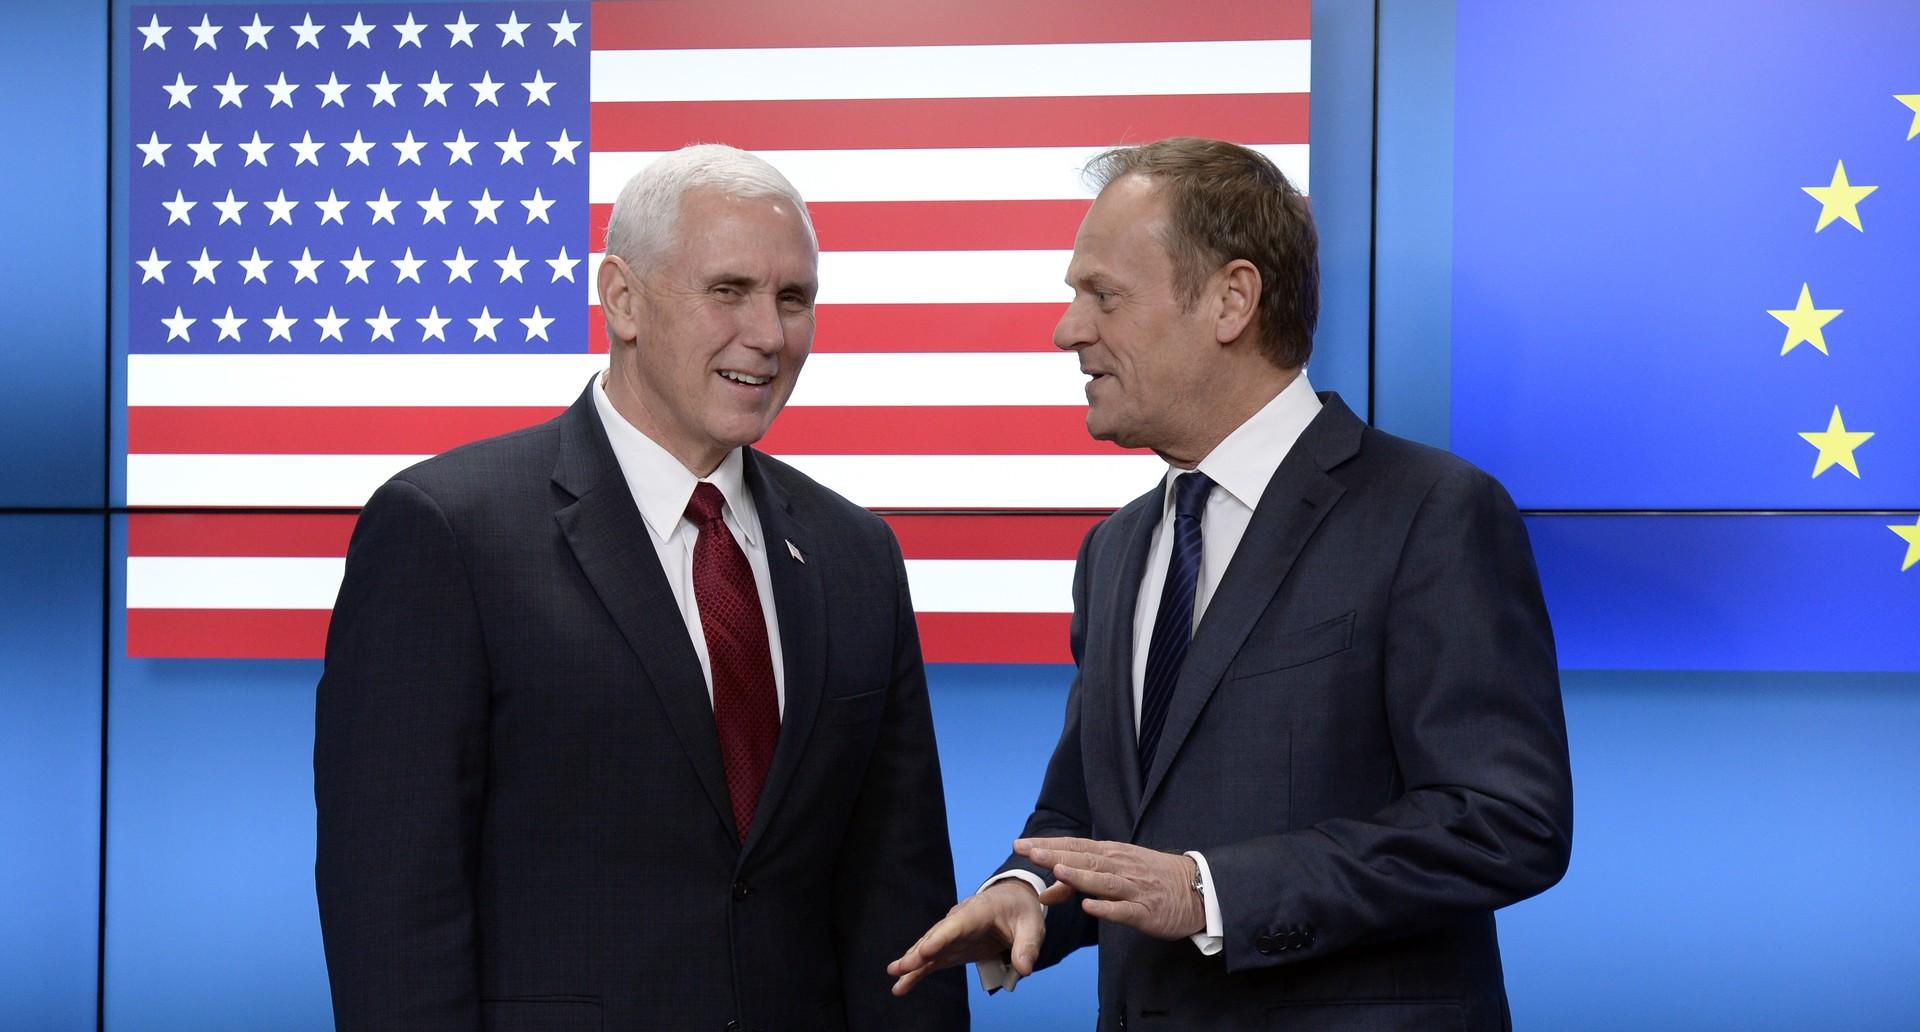 Pour accueillir le vice-président Mike Pence, l'UE ajoute une étoile au drapeau américain